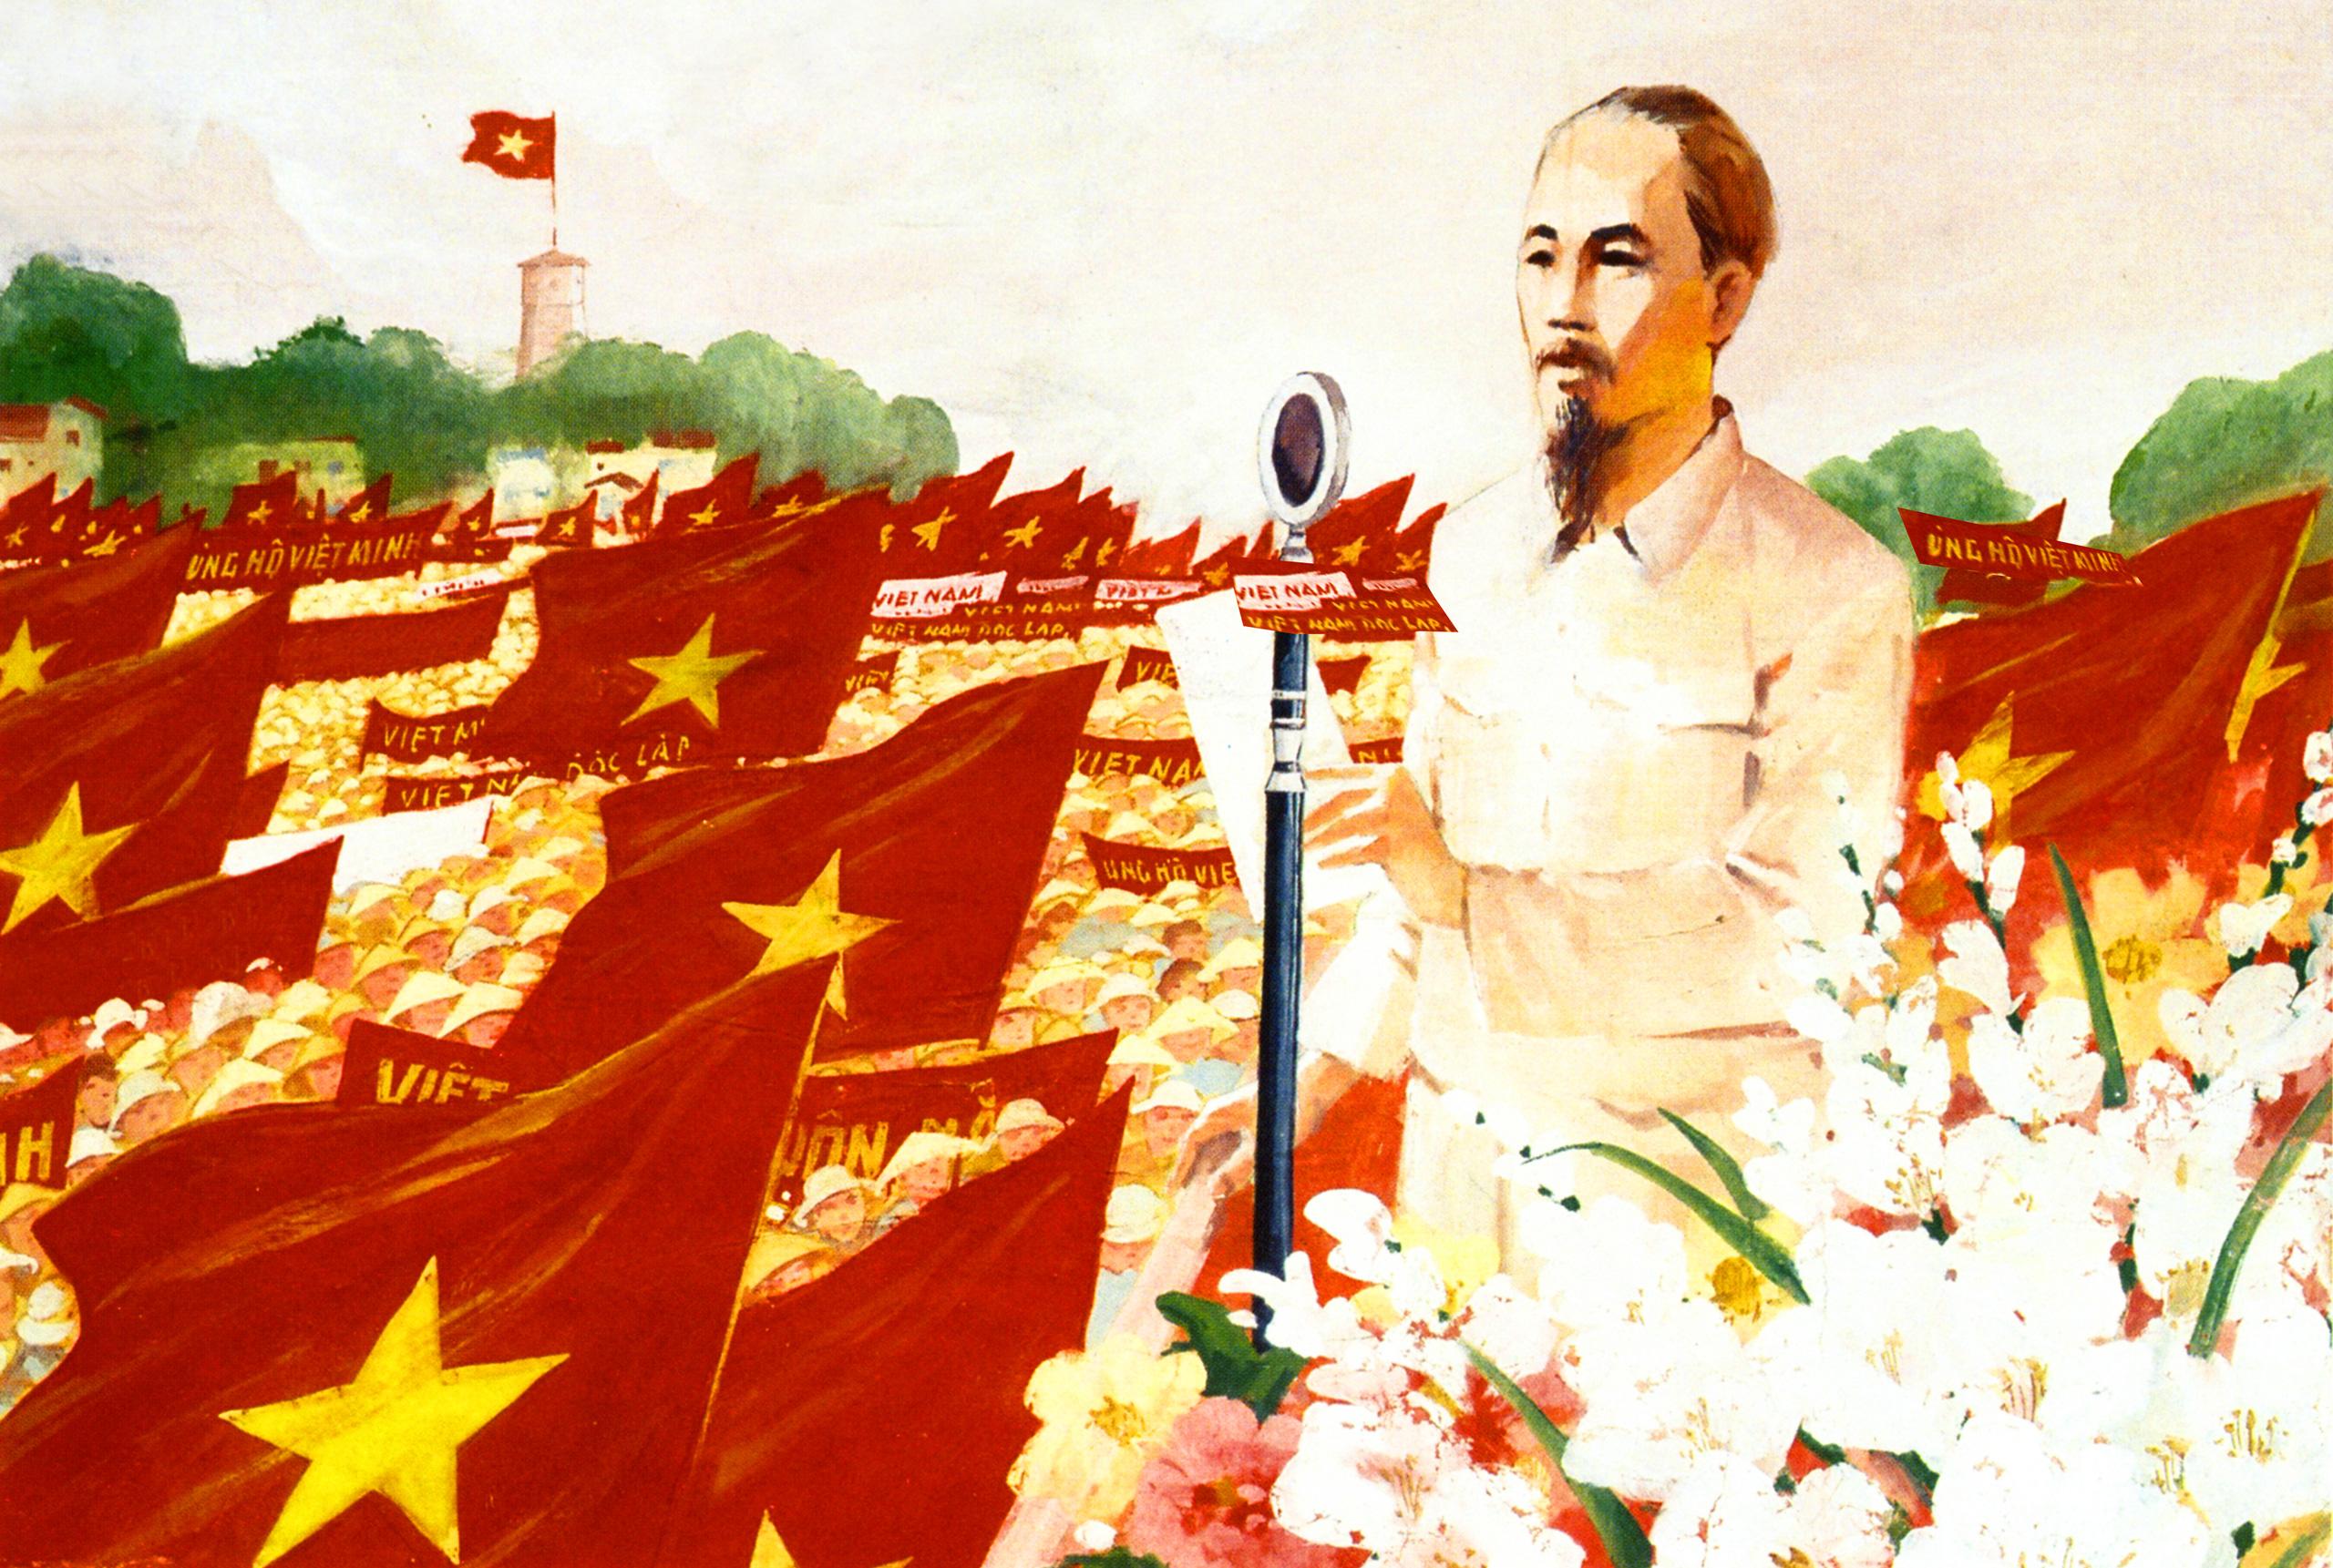 Độc lập cho dân tộc, tự do, hạnh phúc cho nhân dân, phương châm sống và hành động của Chủ tịch Hồ Chí Minh - Ảnh 1.